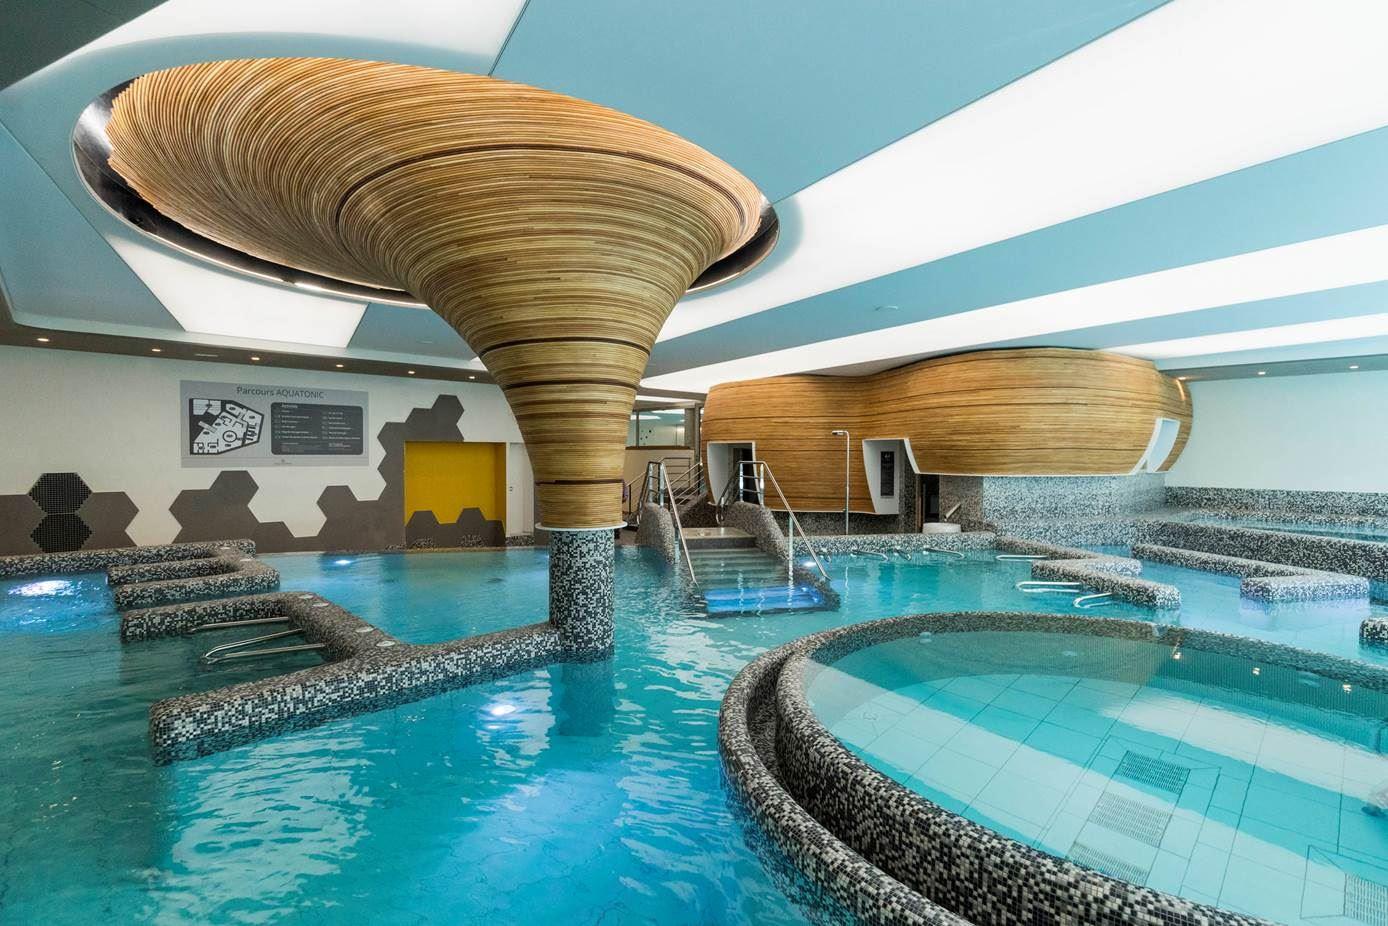 Parcours Aquatonic, hammam et sauna - Entrée à tarif préférentiel